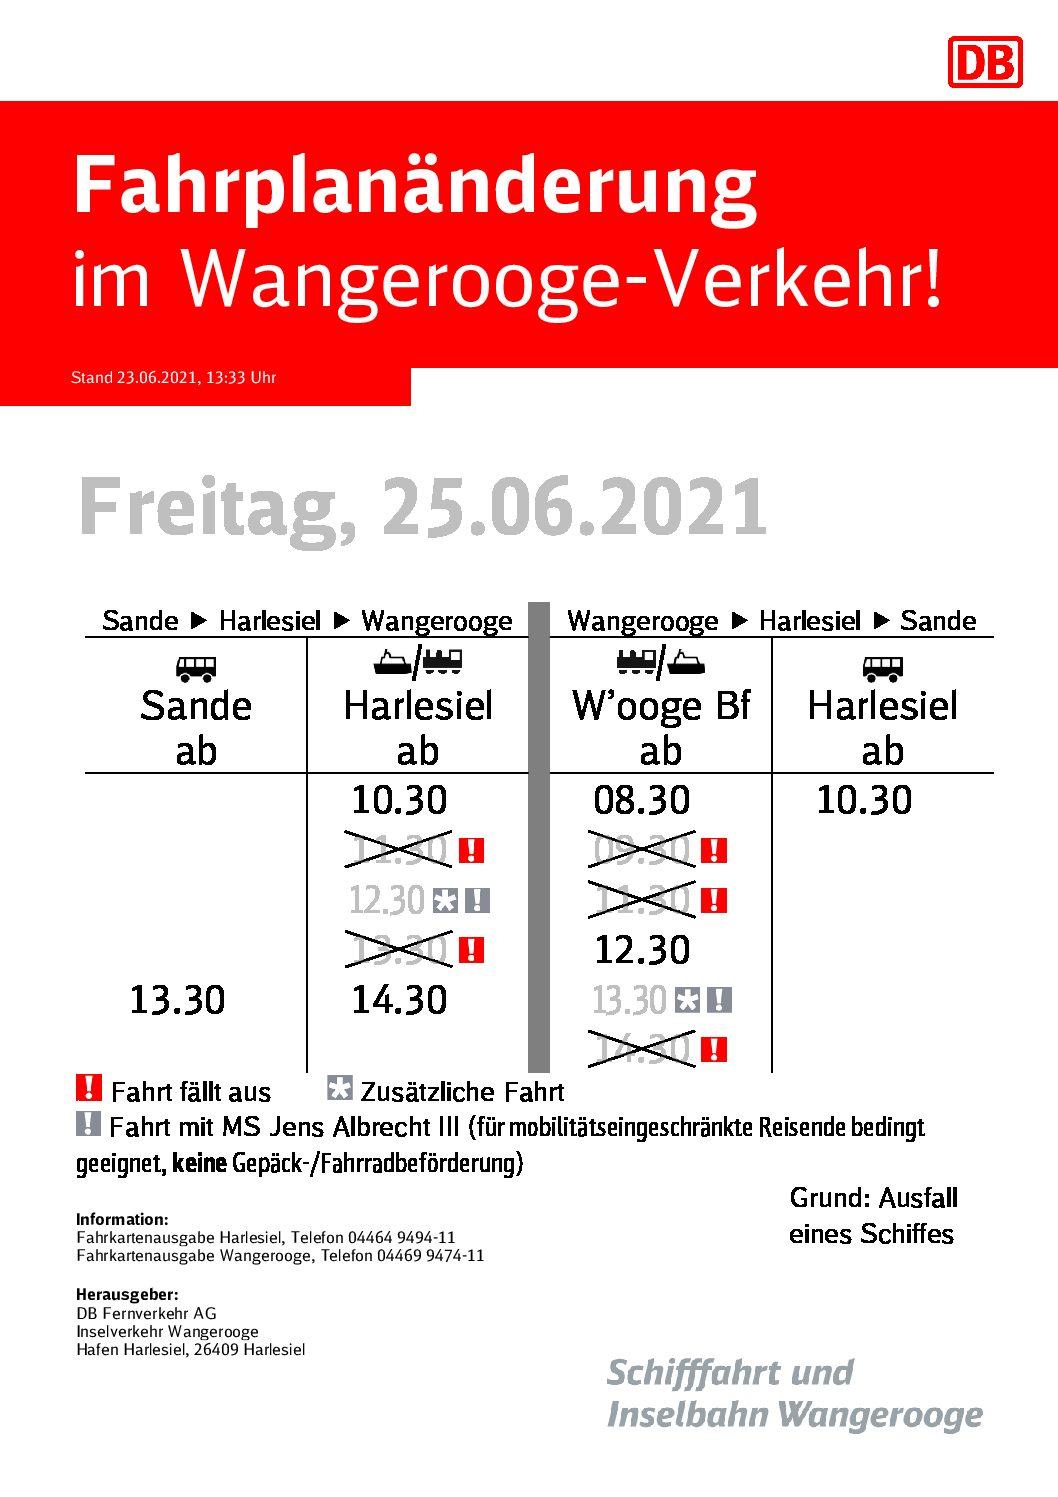 DB/SIW Fahrplanänderung wegen Schiffsausfall 25.06.-01.07.2021